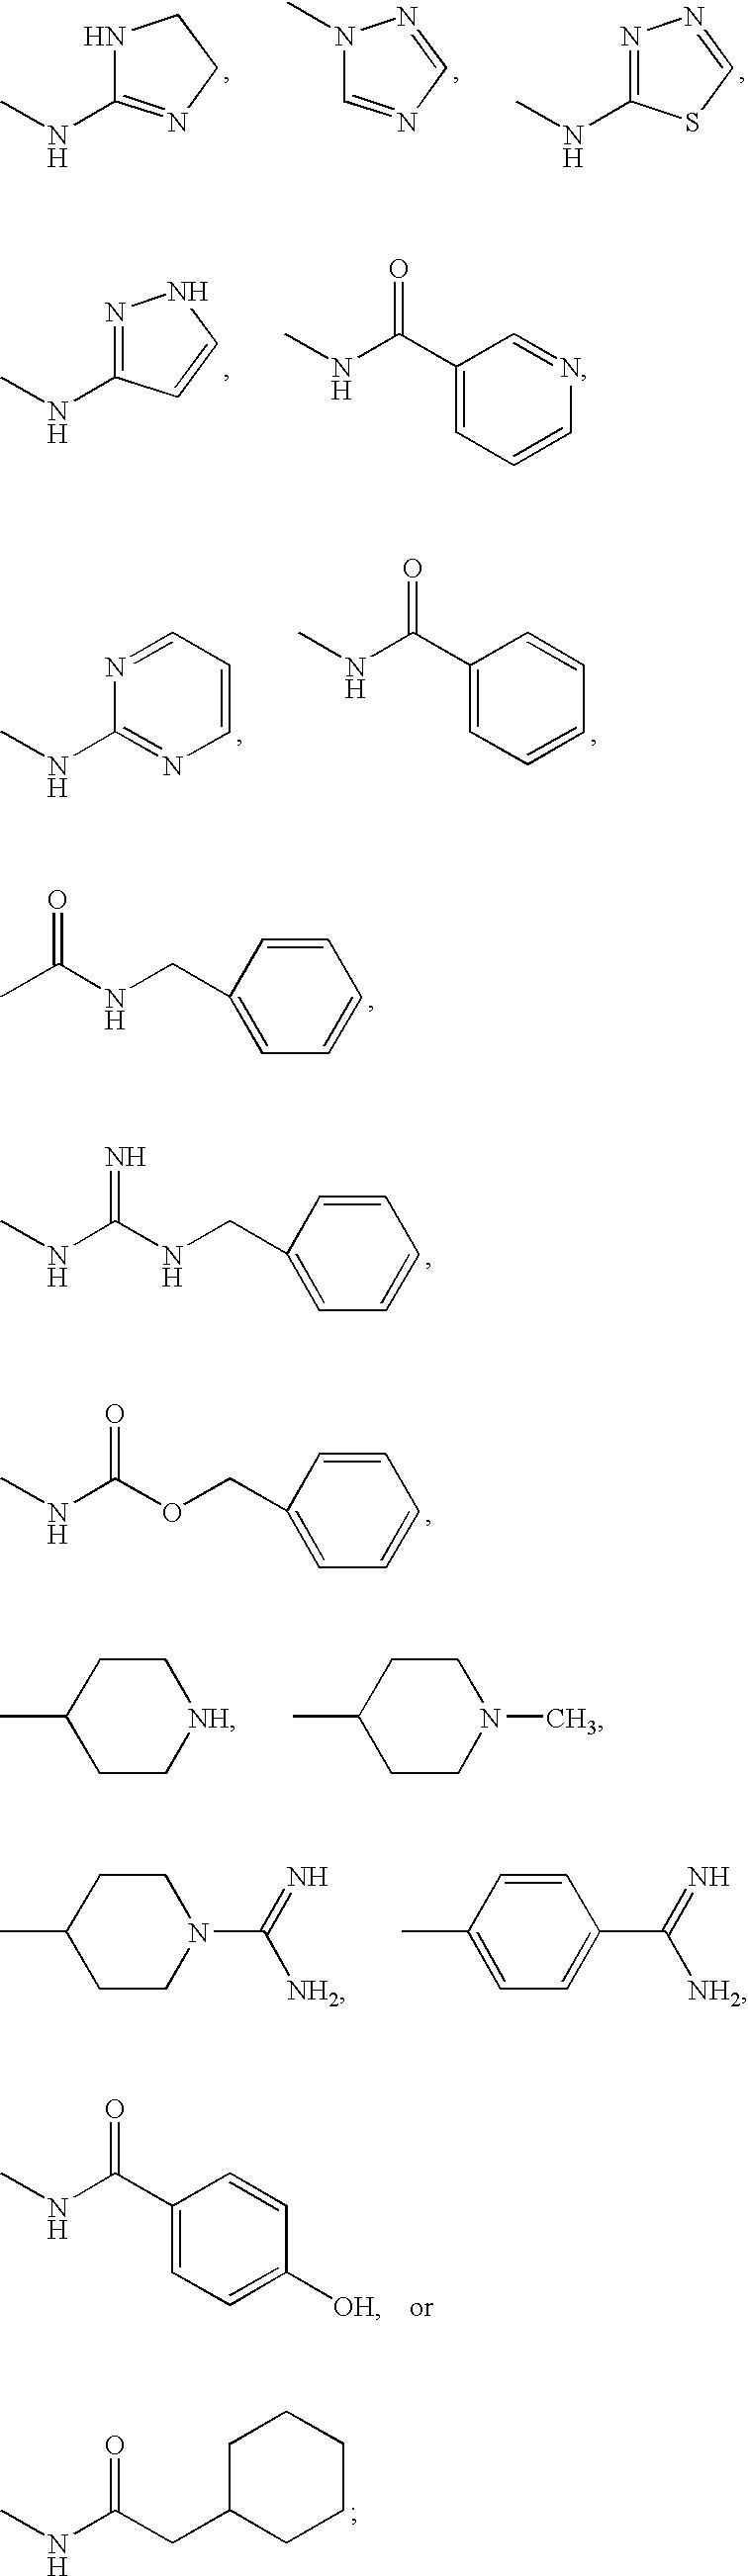 Figure US20100035821A1-20100211-C00010